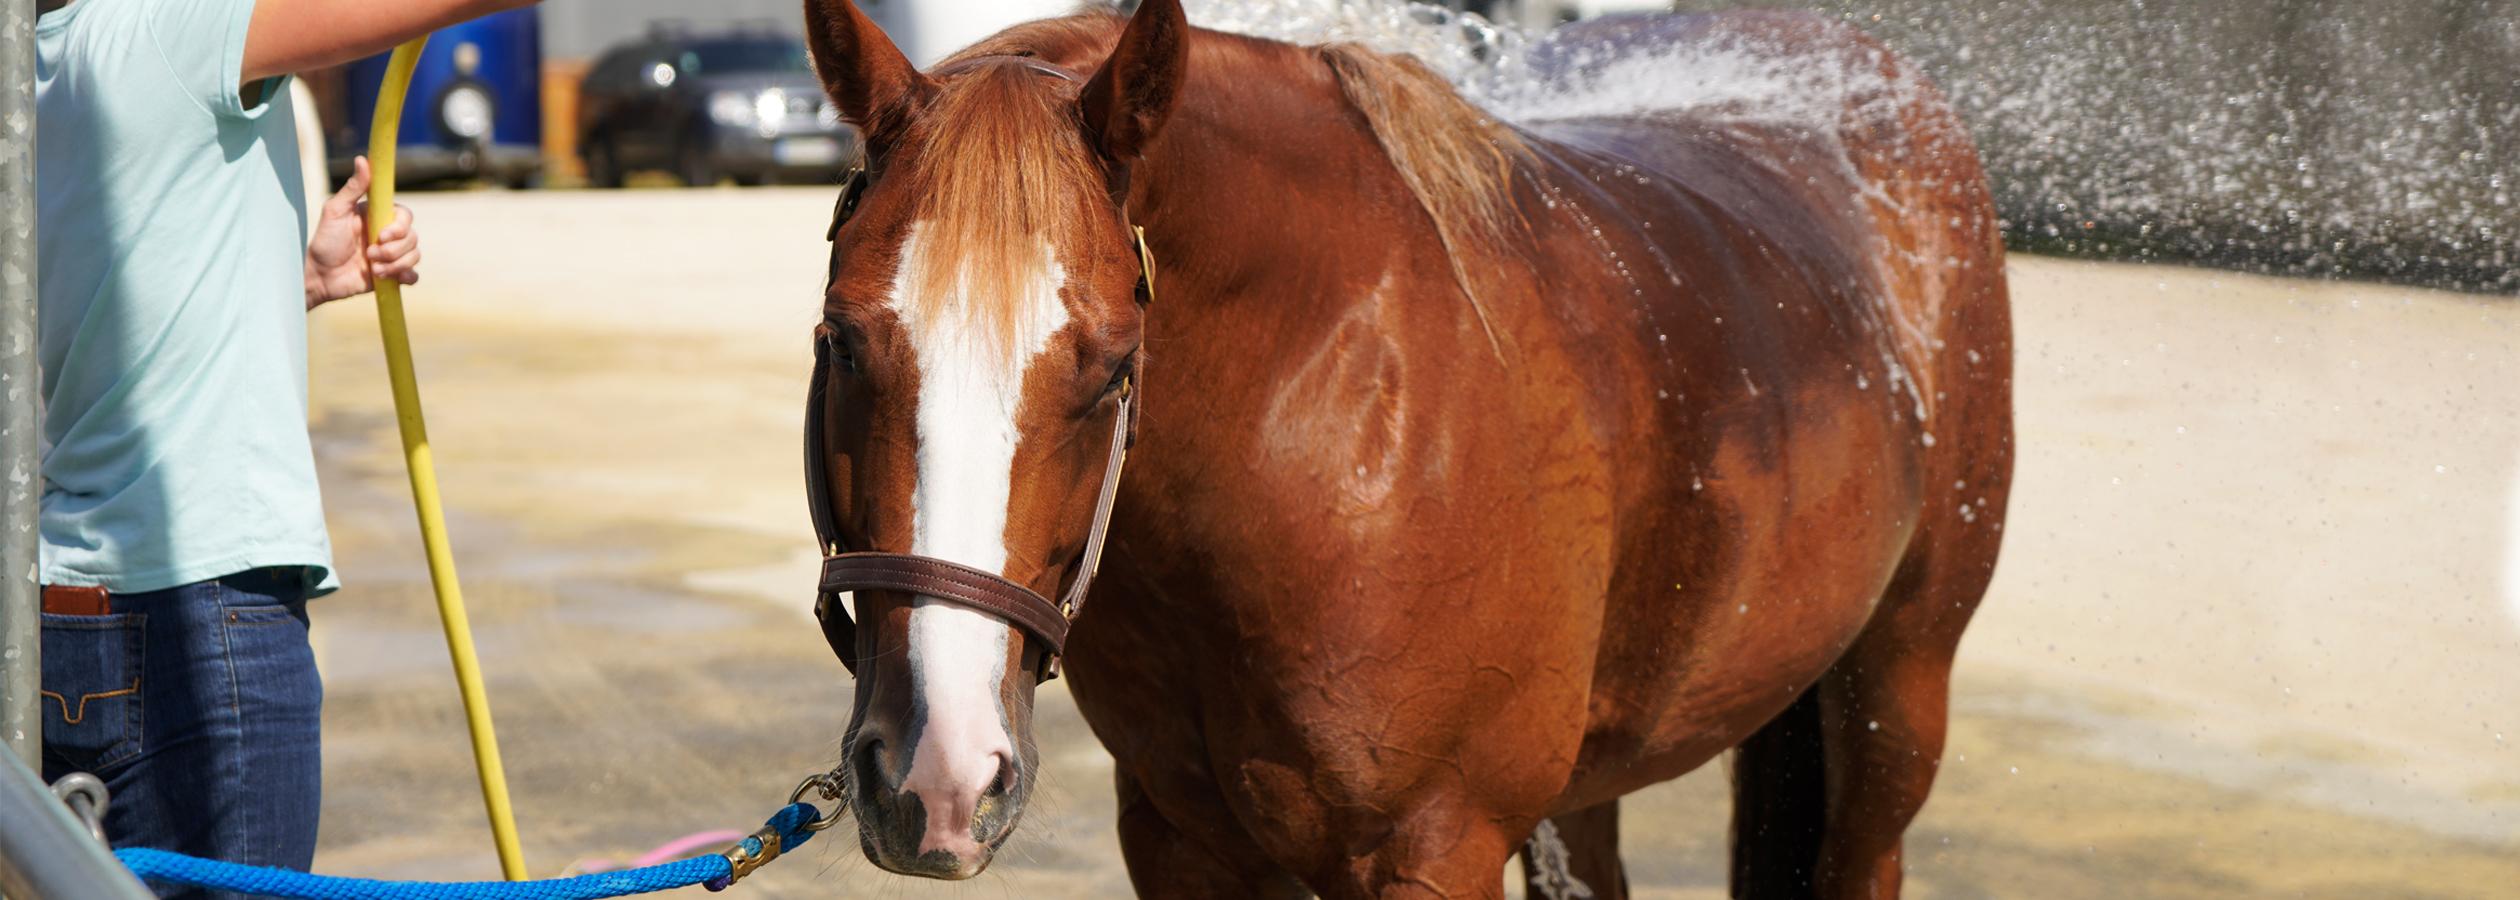 Header_HorseAcademy_Anlage-20